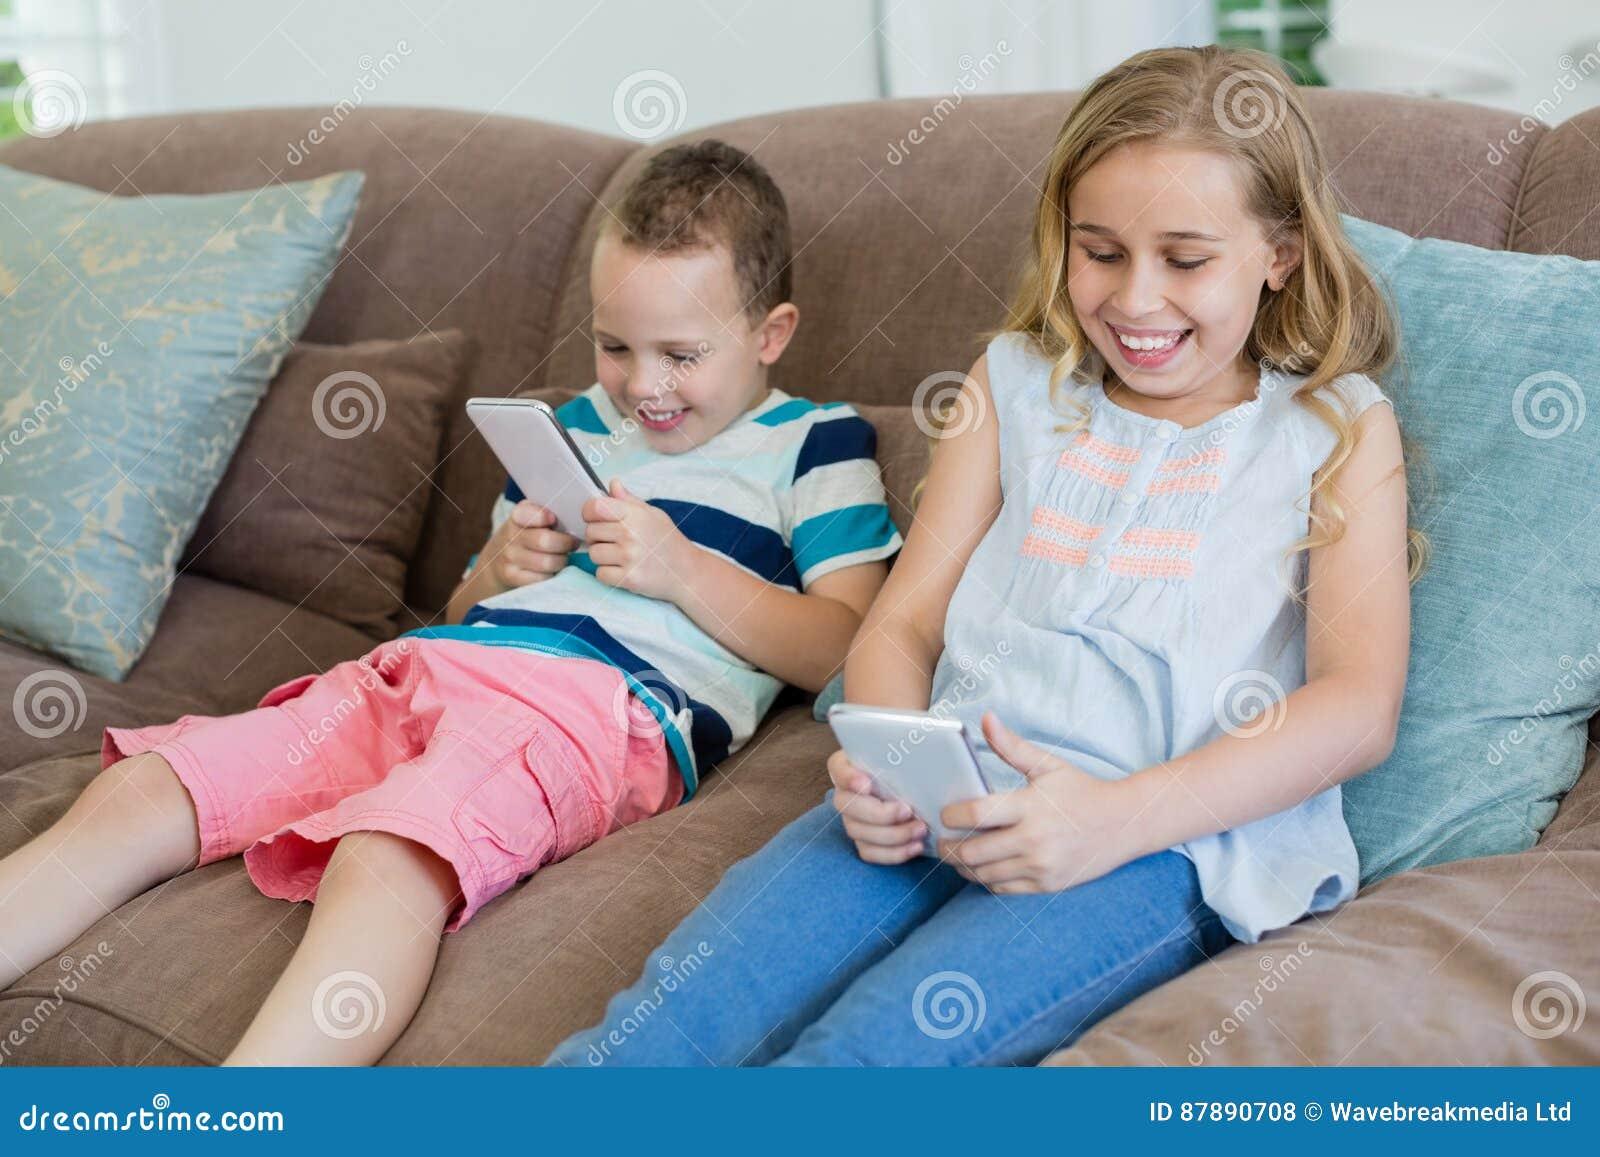 Glimlachende zuster en broerzitting op laag die mobiele telefoon in woonkamer met behulp van